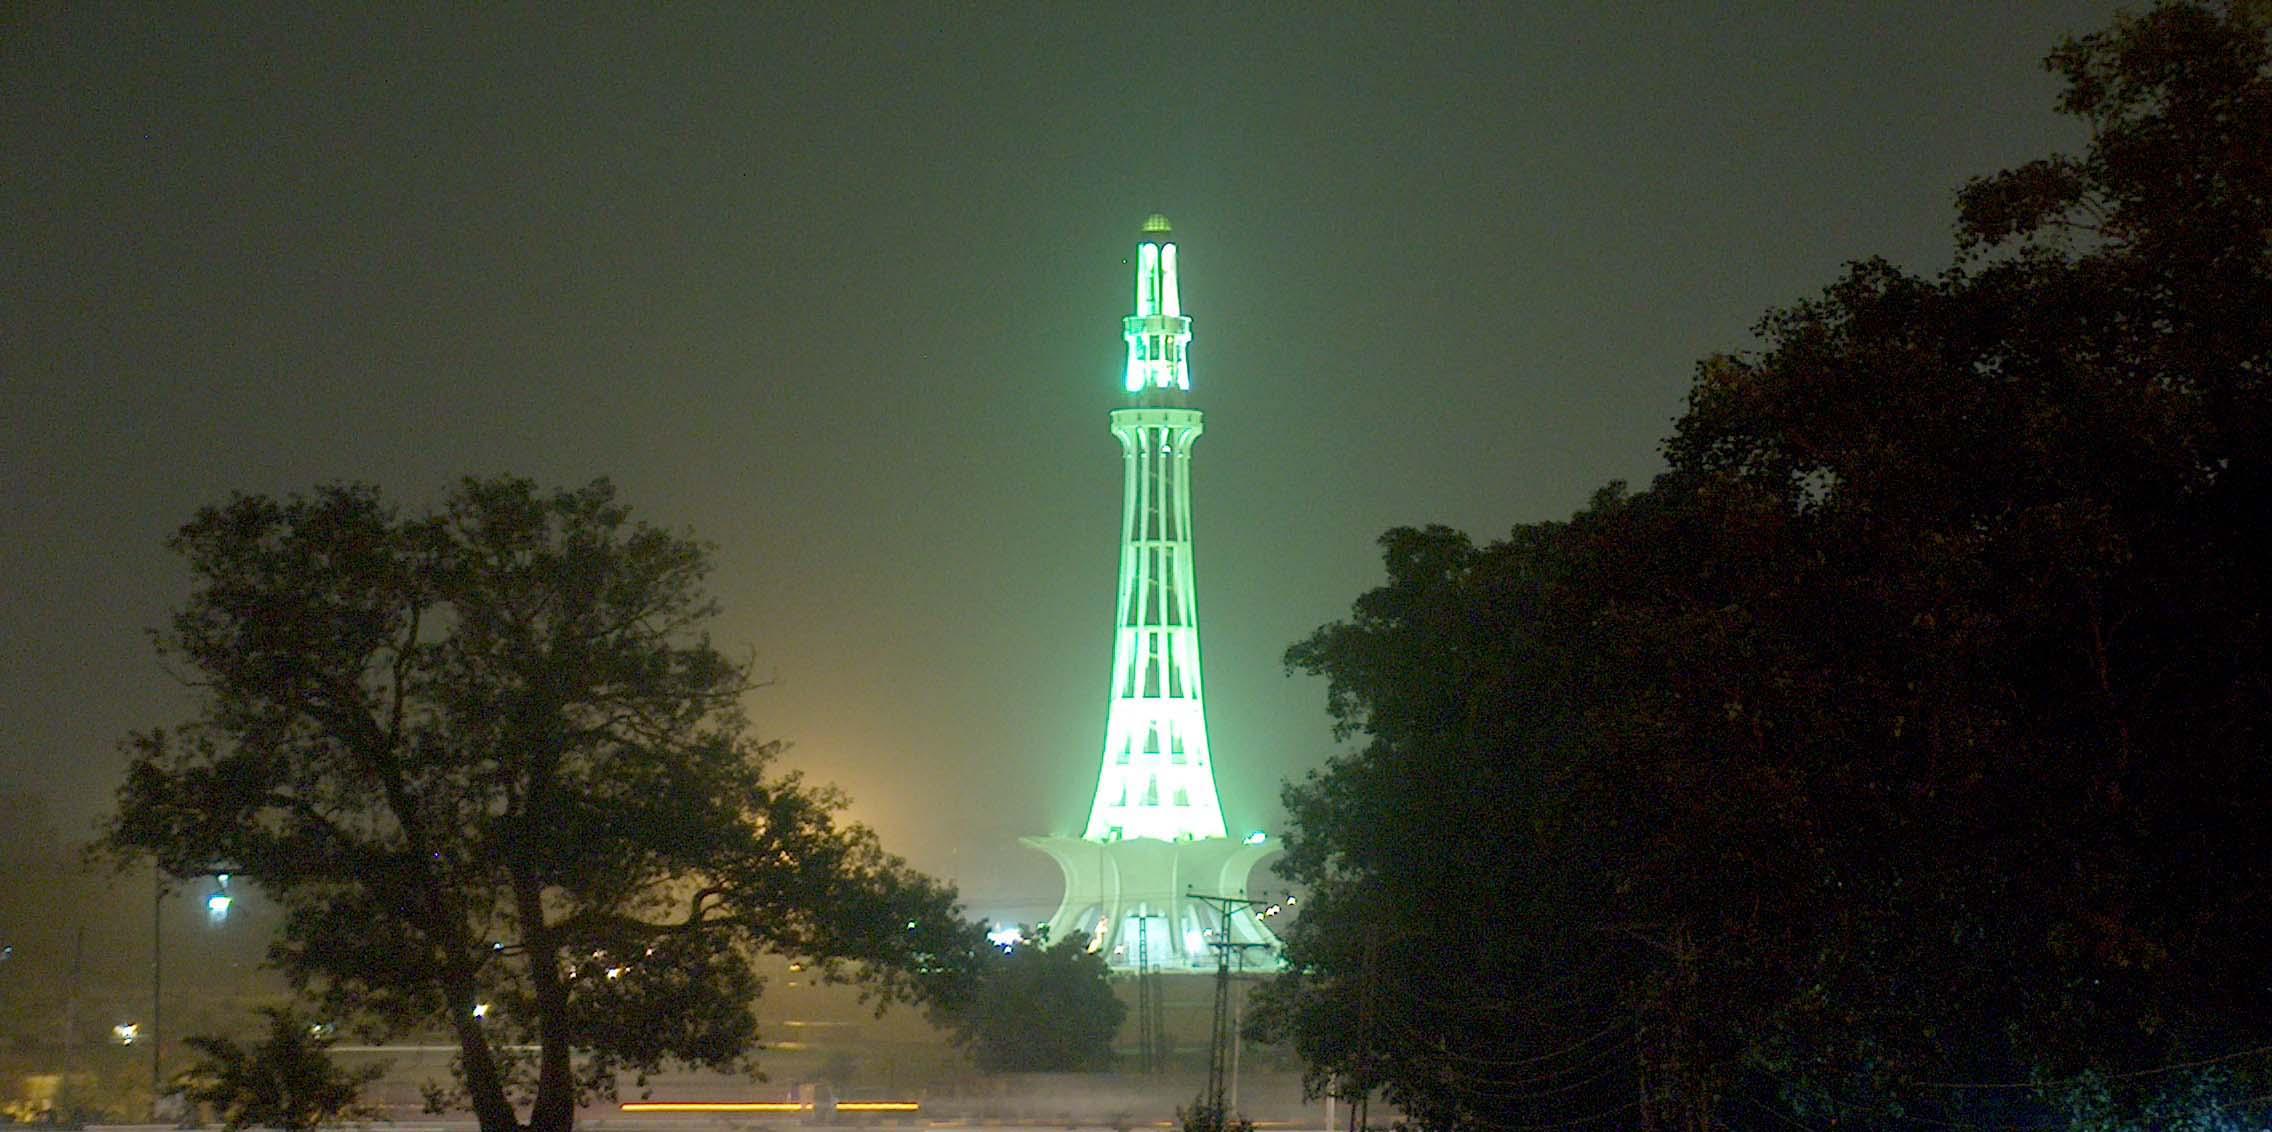 Iqbal Park - Wikipedia